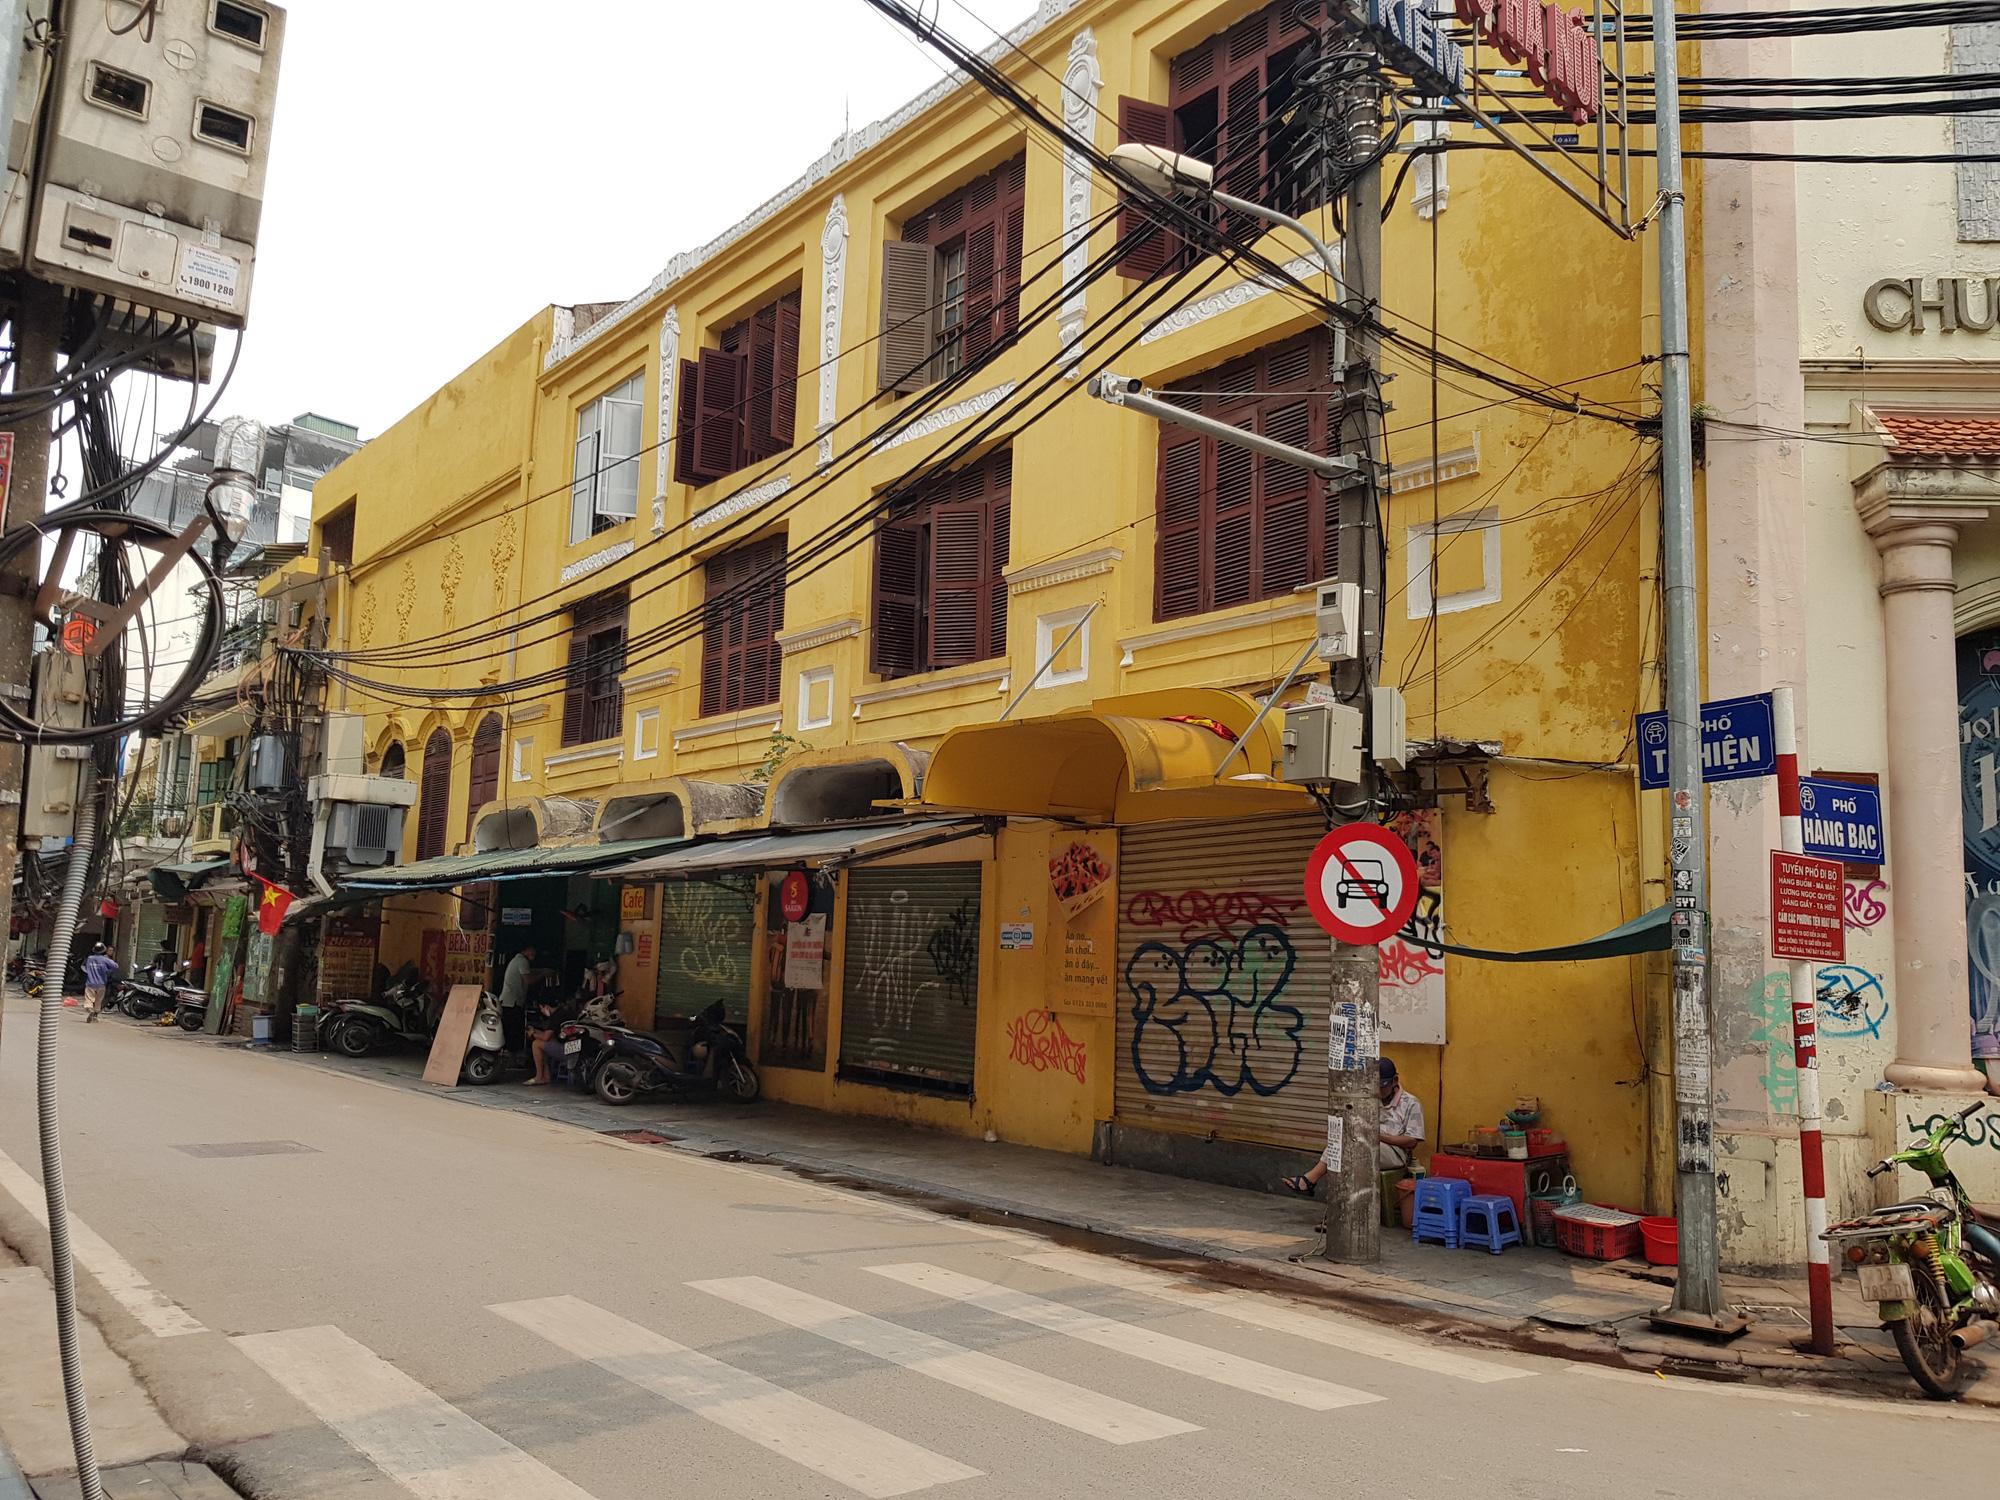 Nhiều phố Hà Nội không bóng người sau khuyến cáo người dân ở nhà, đóng cửa hàng quán để phòng chống Covid-19 - Ảnh 9.